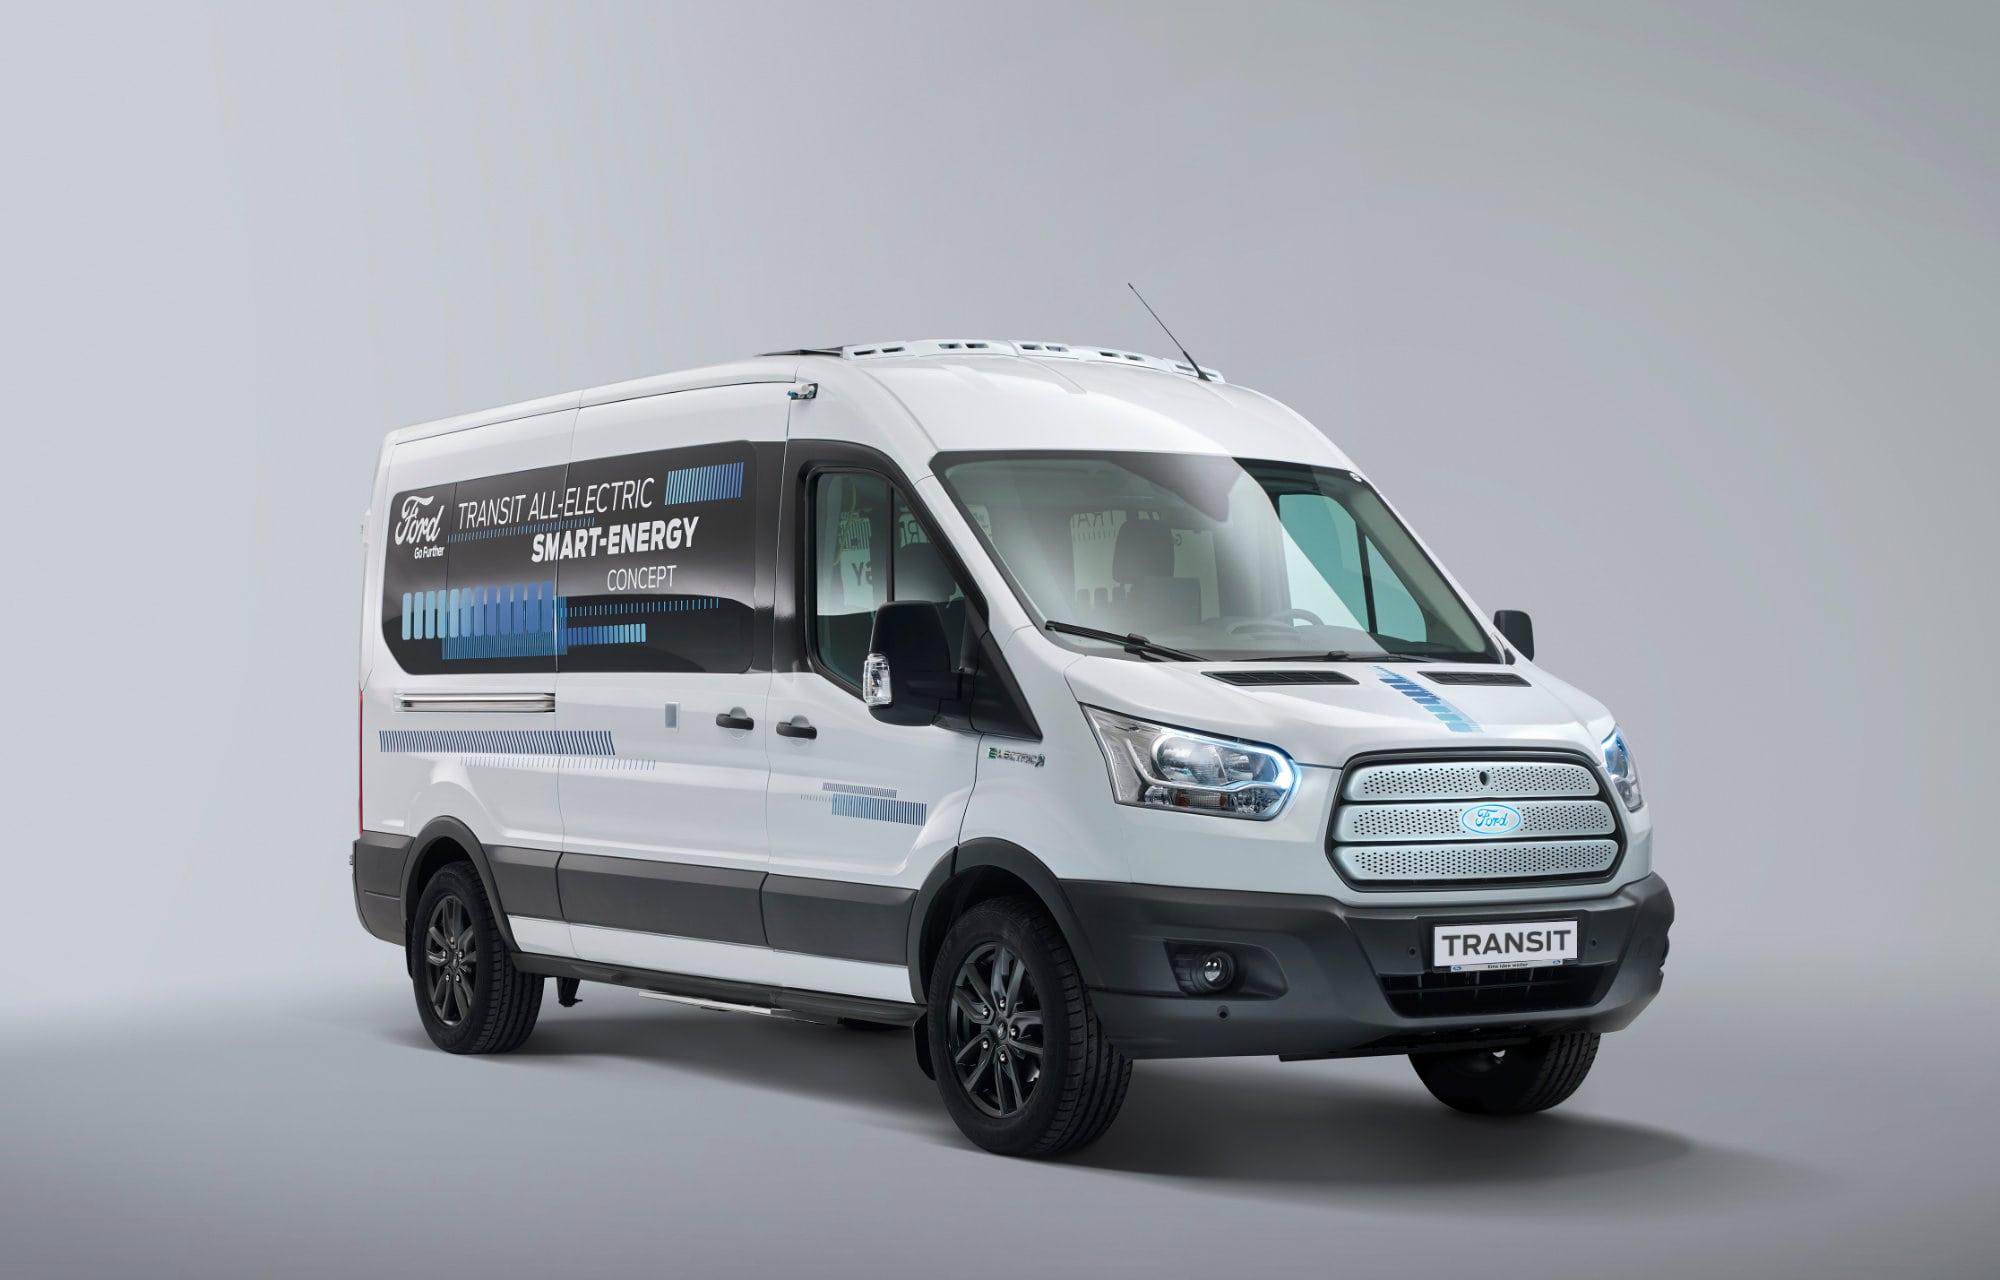 Volledig elektrische Ford Transit (EV) verwacht in 2021